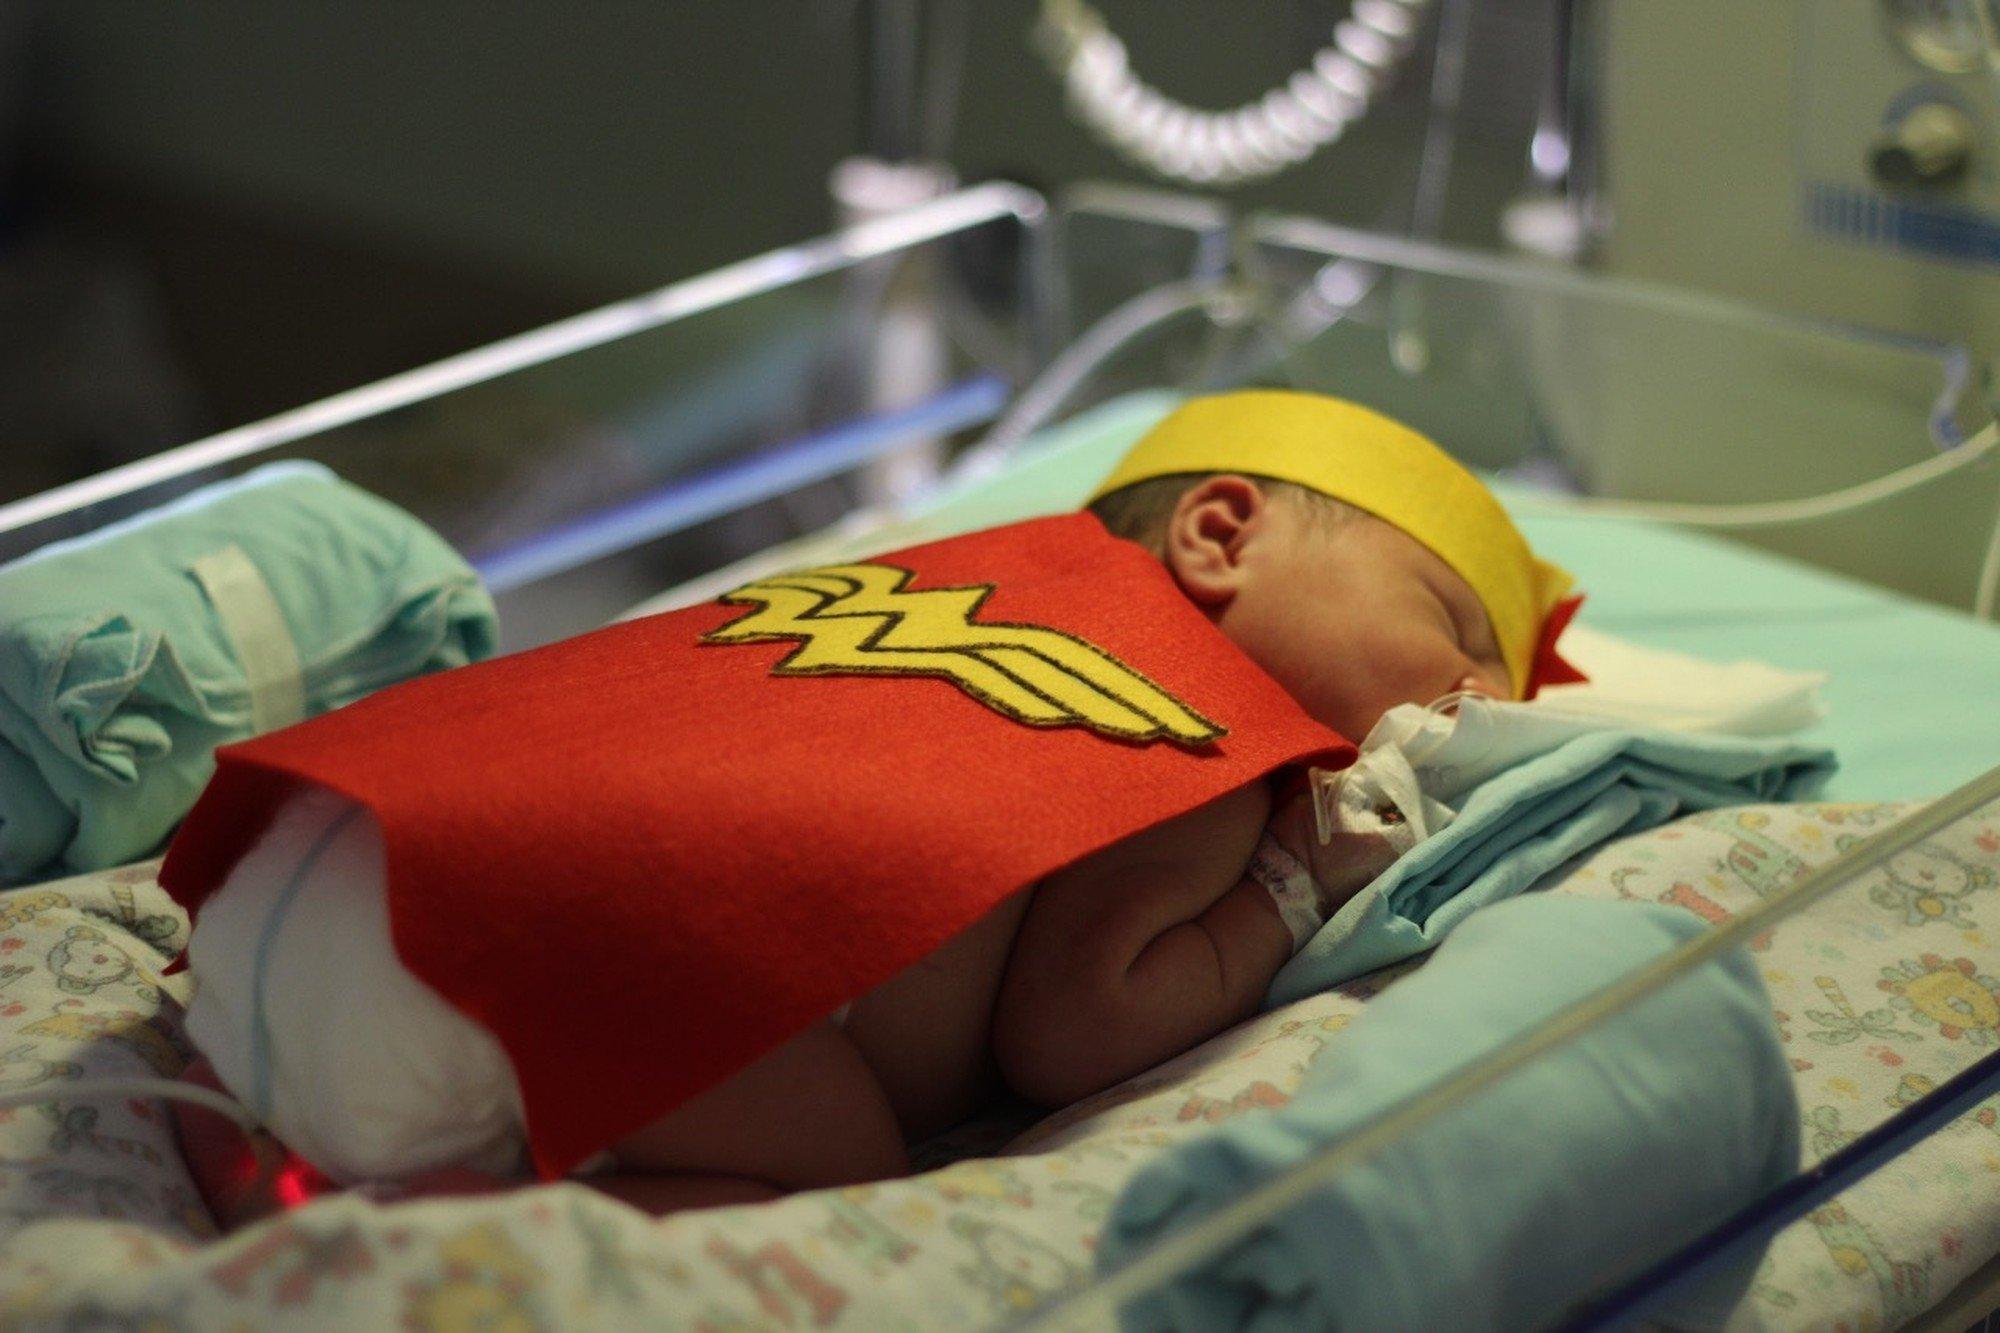 whatsapp image 2018 10 12 at 14 29 39.jpeg?resize=636,358 - Bebês de UTI neonatal são vestidos como super-heróis para celebrar o Dia das Crianças